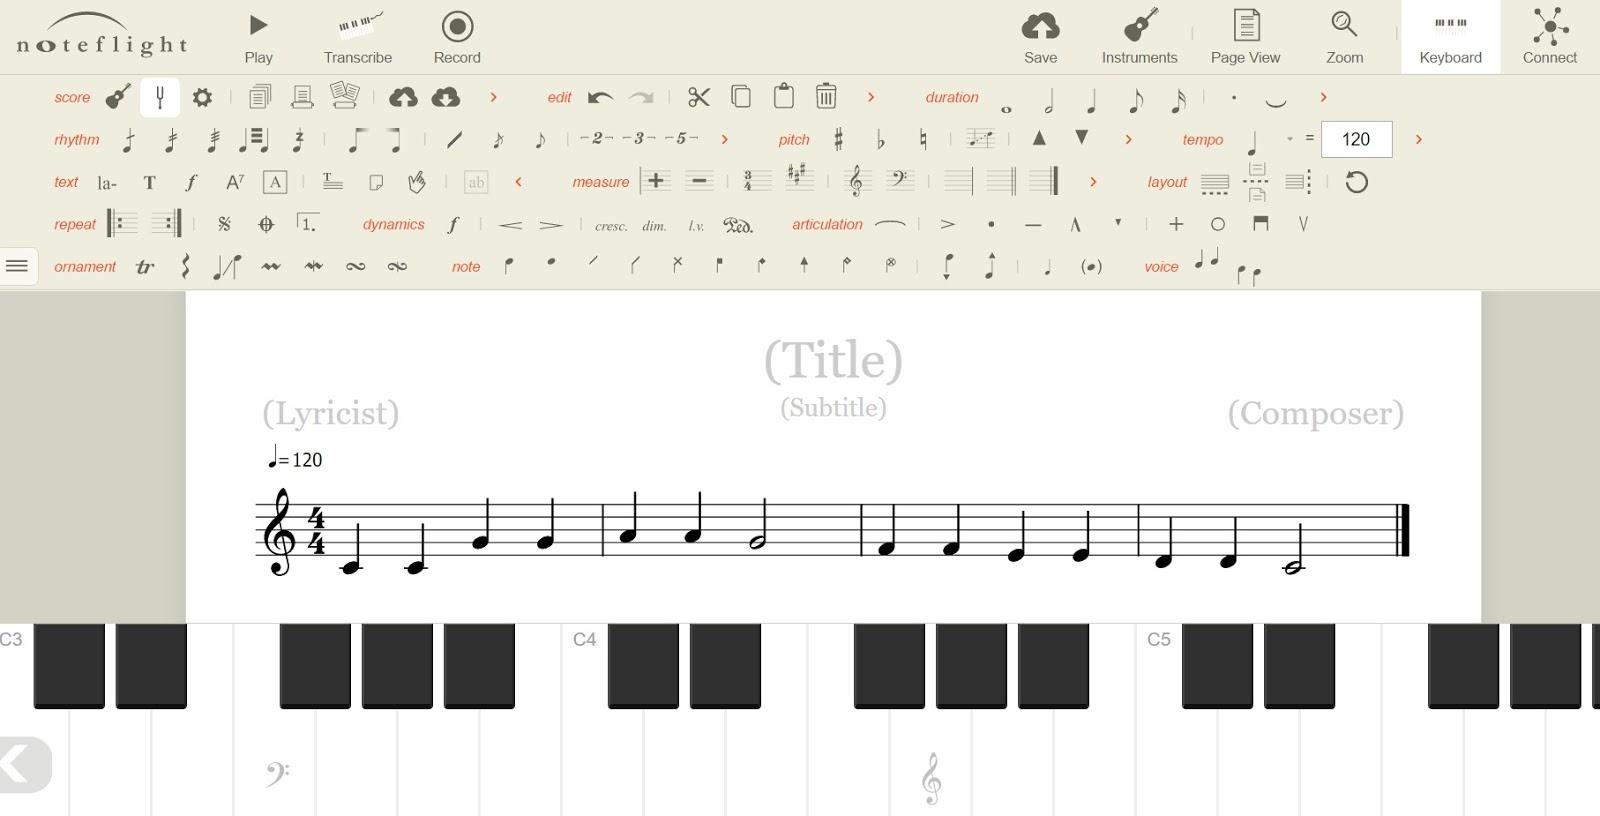 超精緻,絕美設計的線上打譜軟體NoteFlight